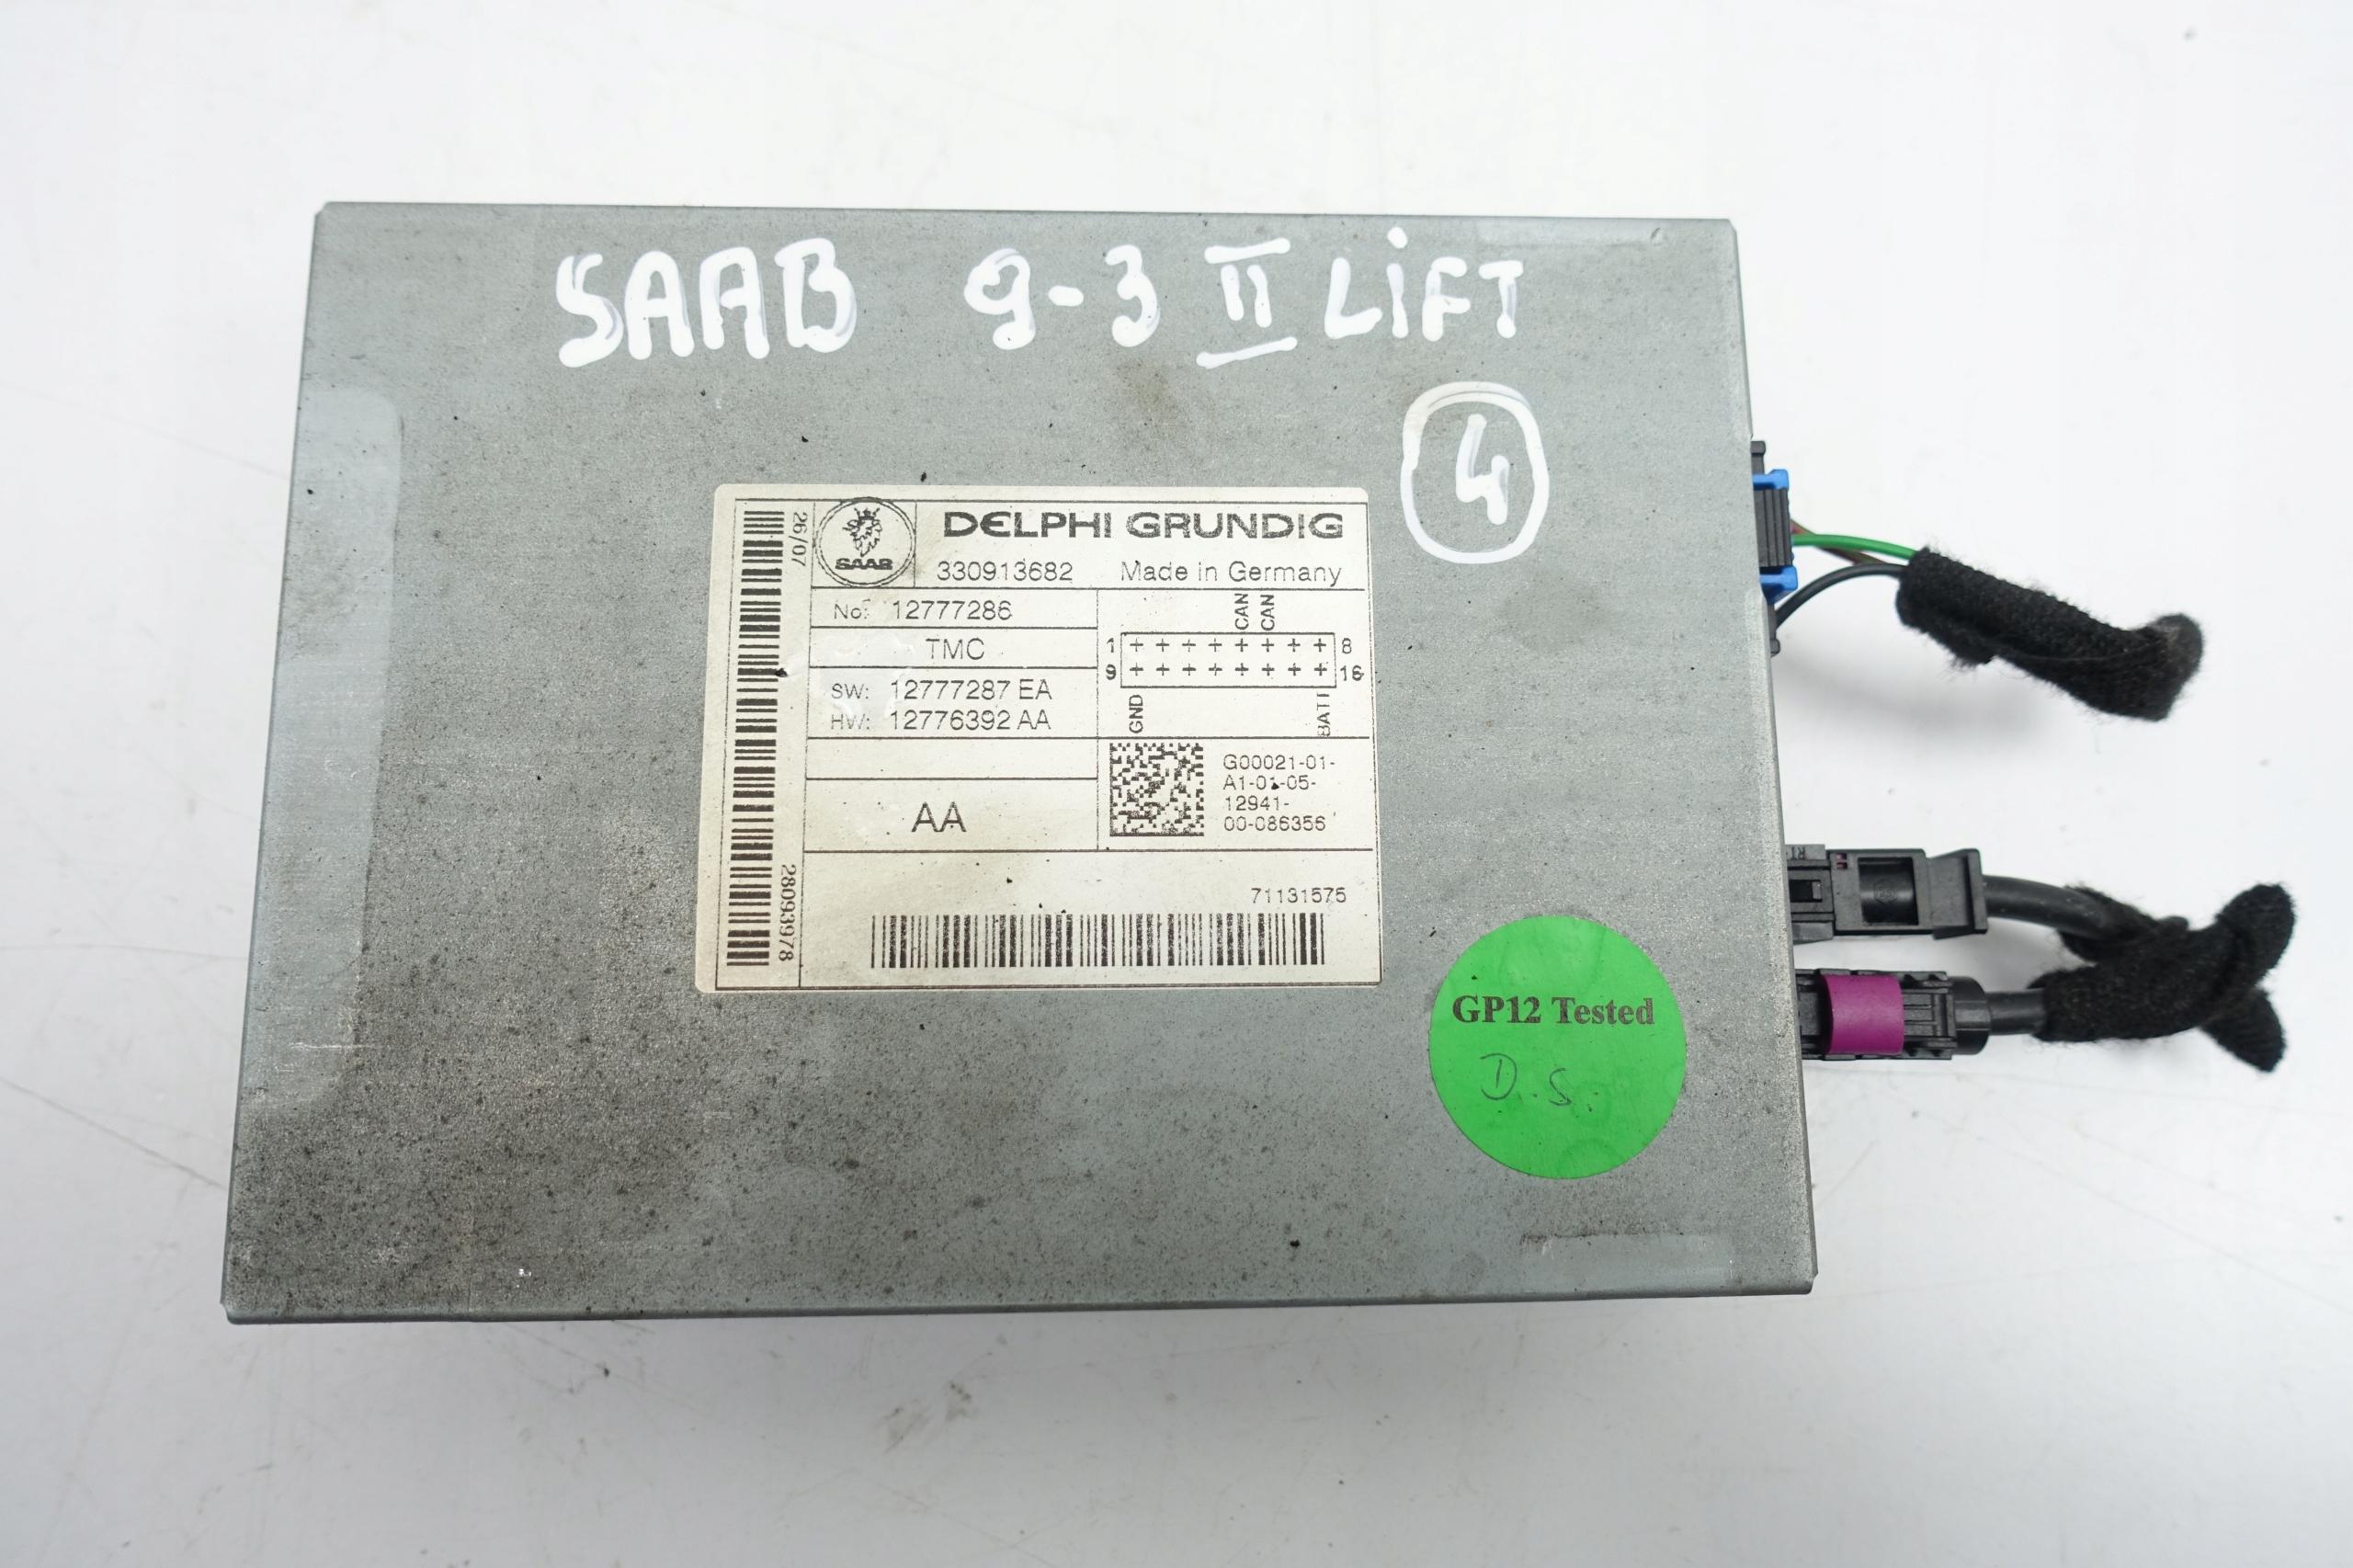 saab 93 9-3 ii lift усилитель радио модуль